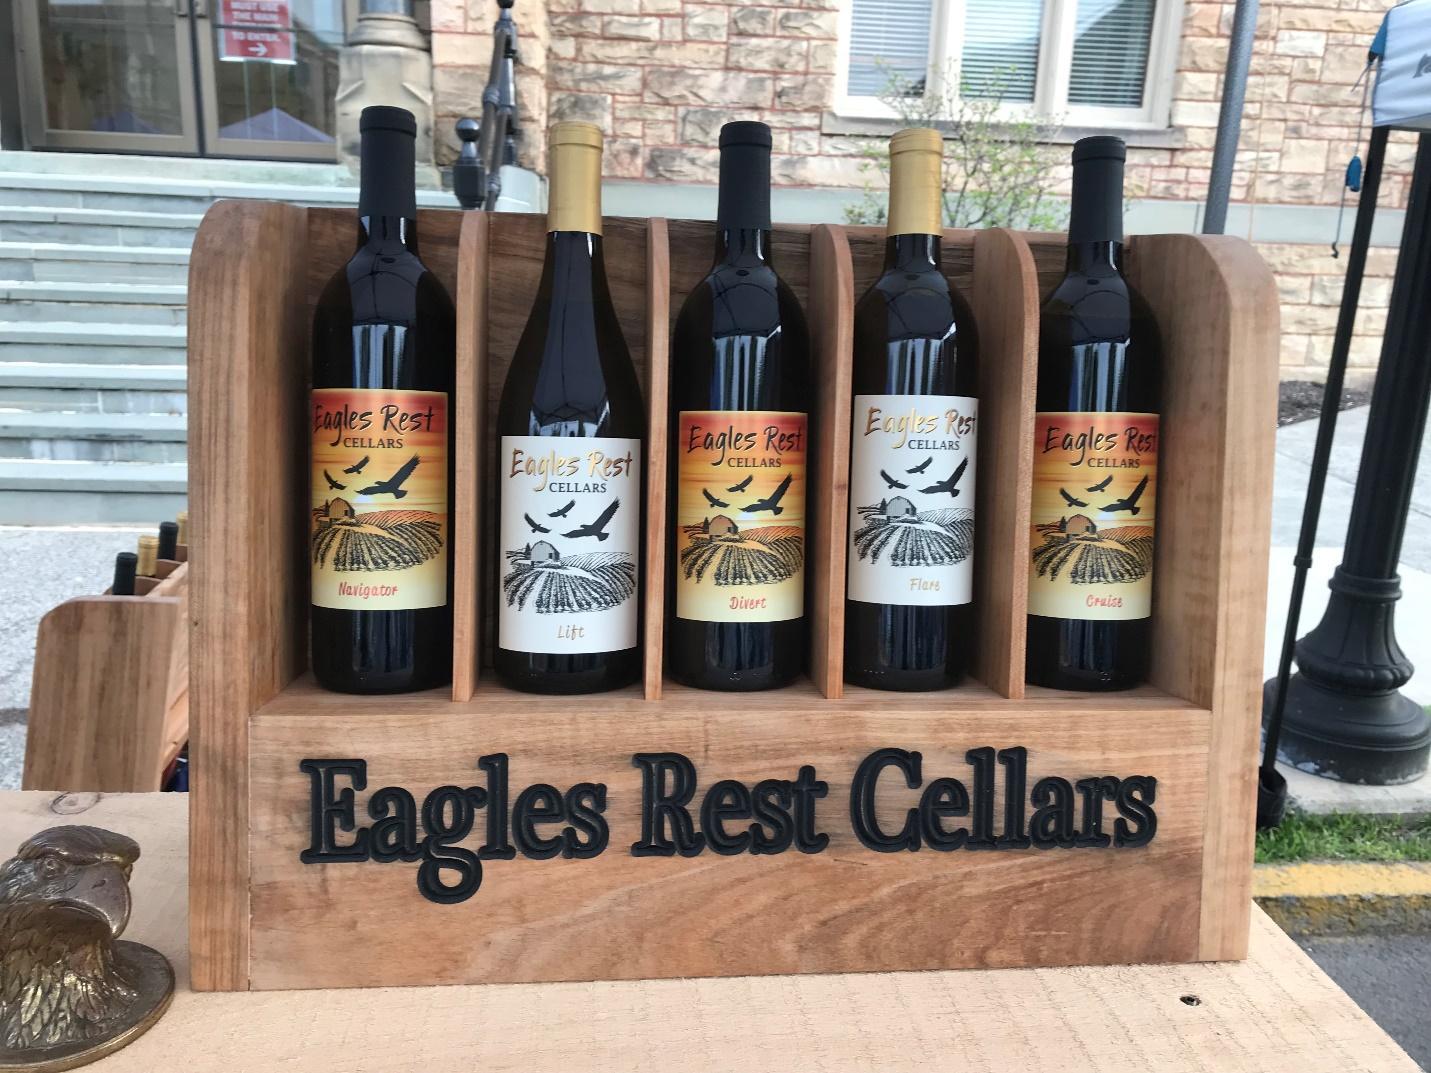 Eagles Rest Cellars image 1